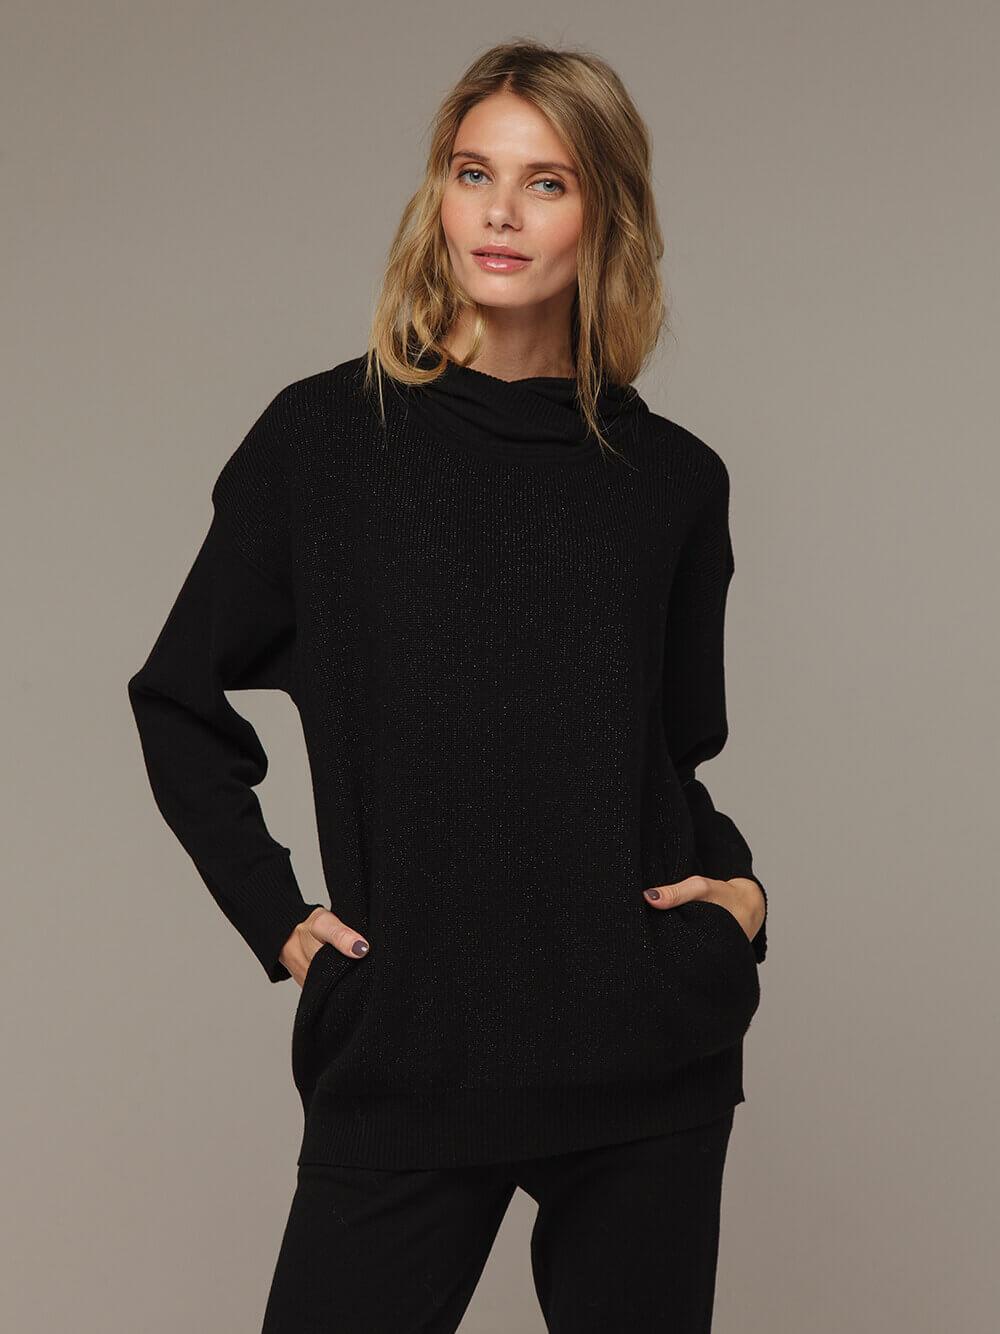 Женский черный джемпер с капюшоном из шерсти и кашемира - фото 1